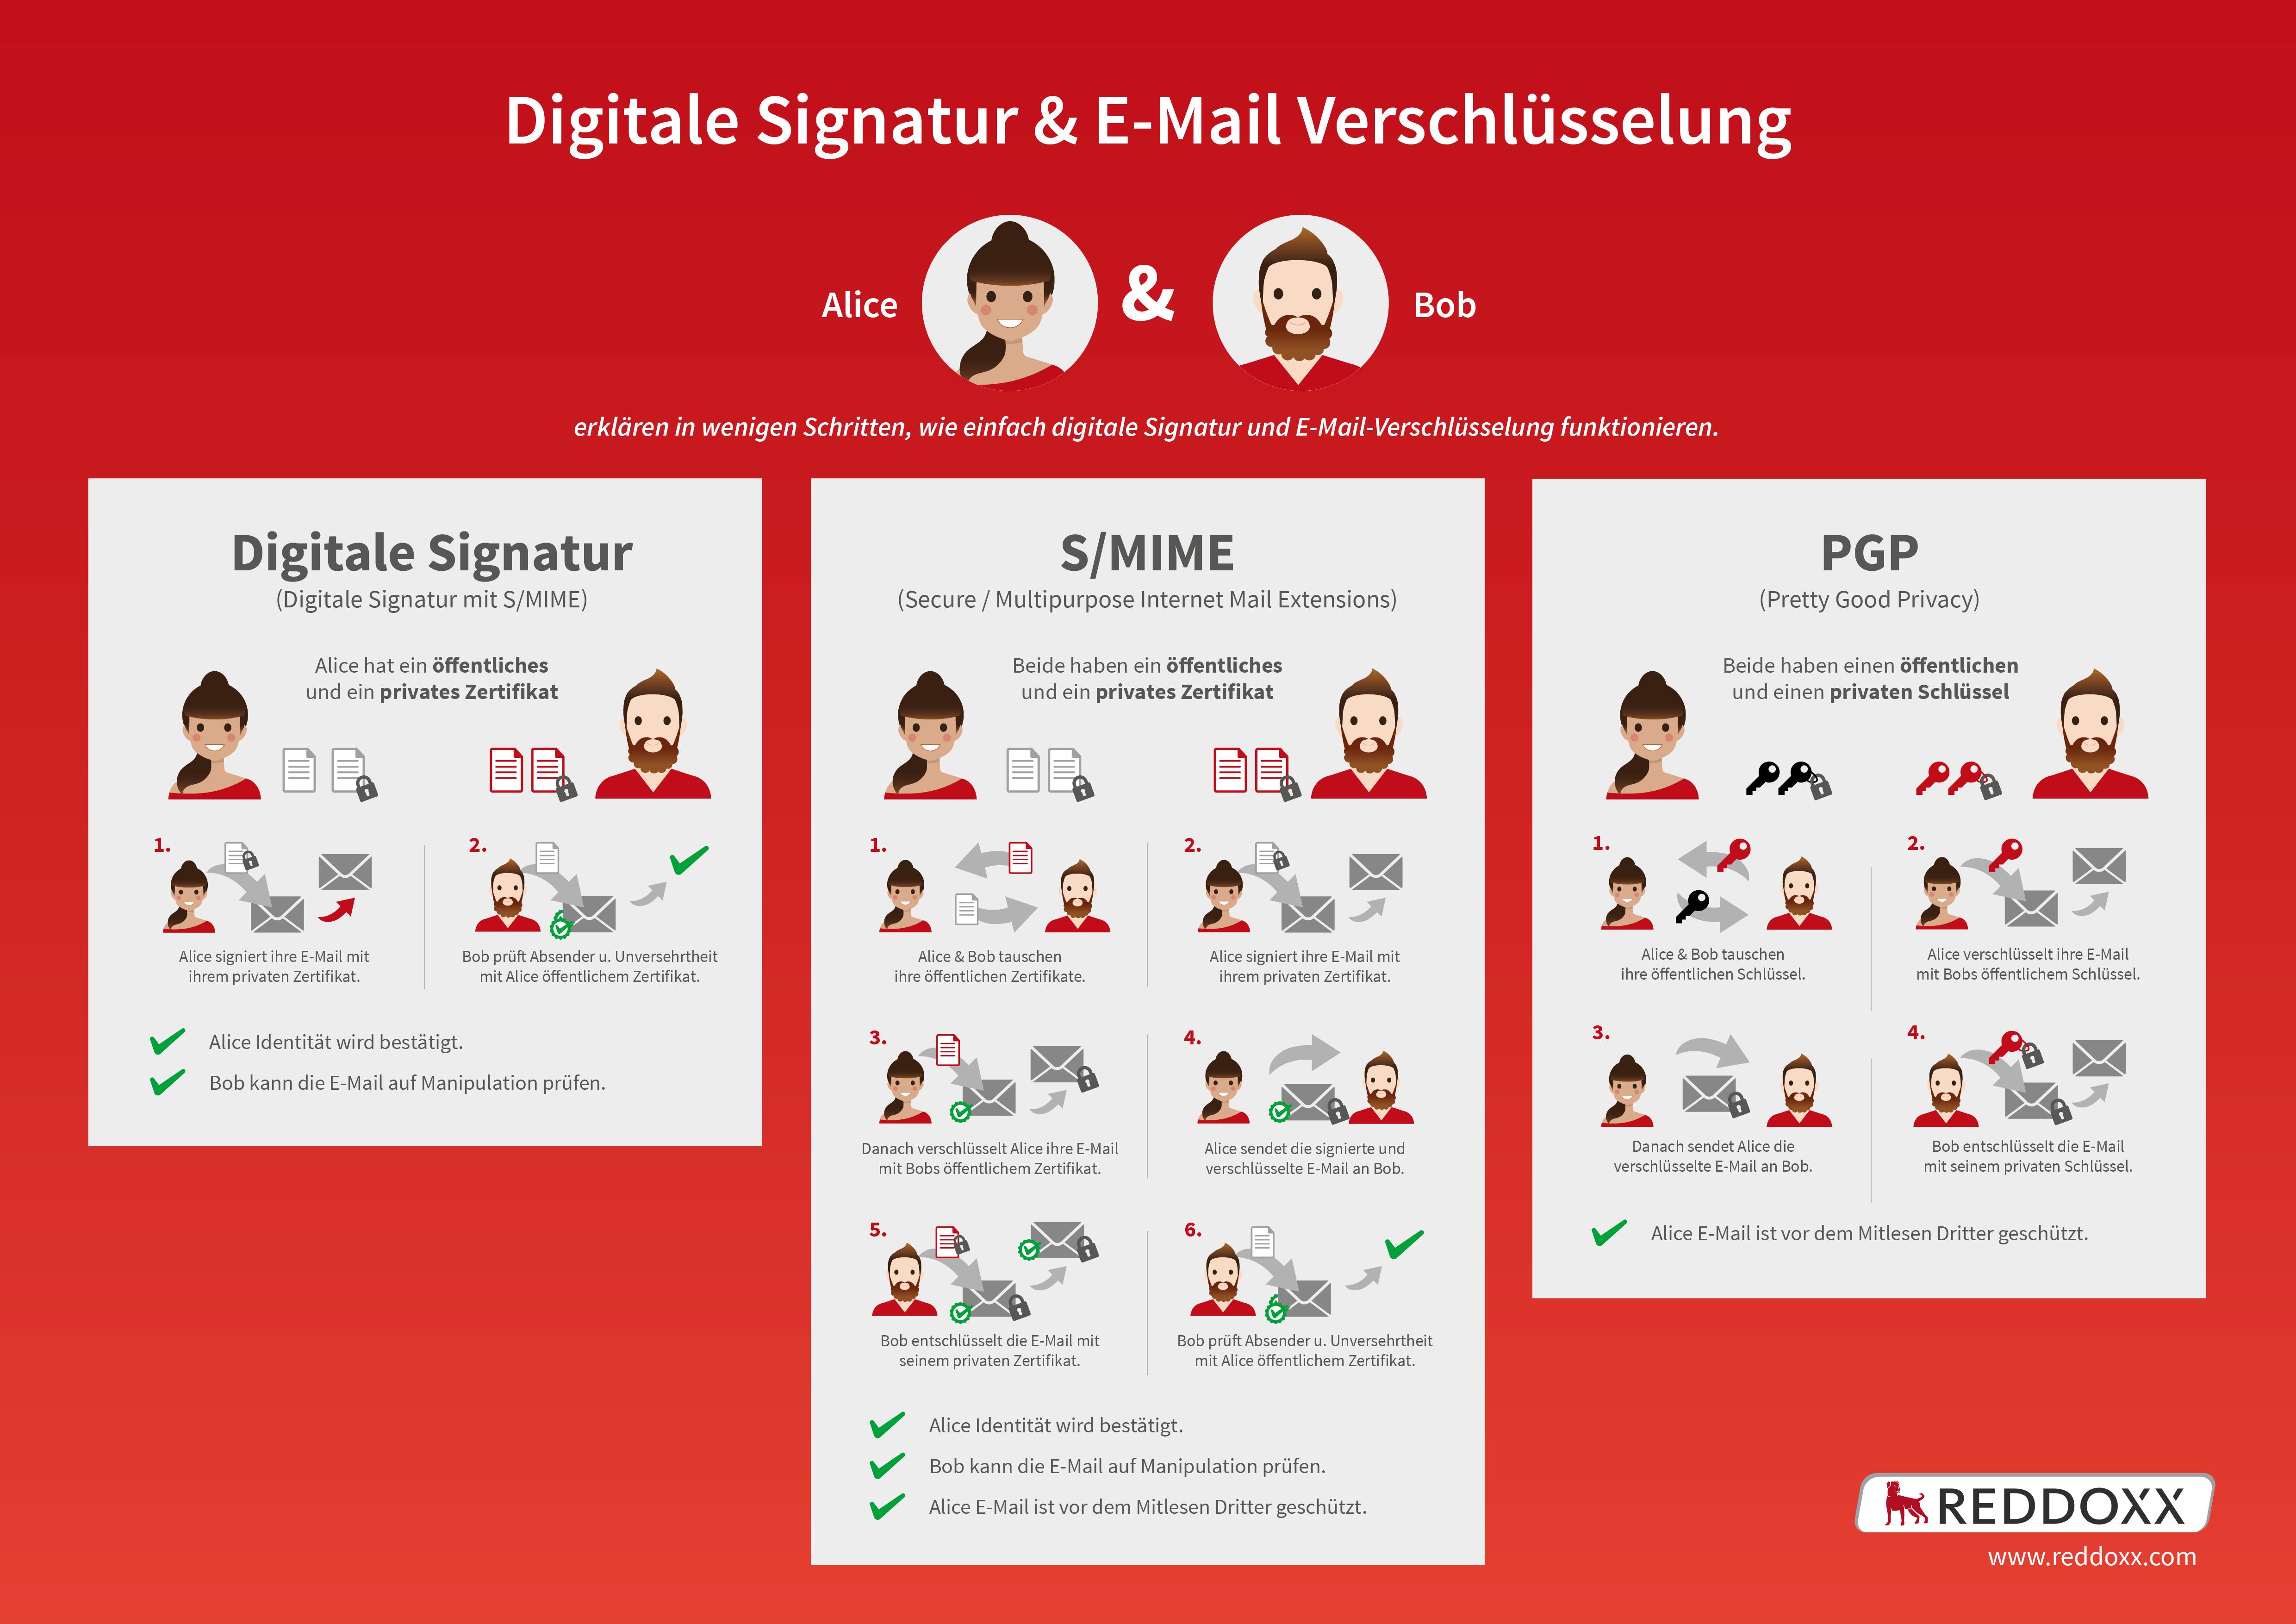 Infografik S/MIME und PGP - digitale Signatur und E-Mailverschlüsselung